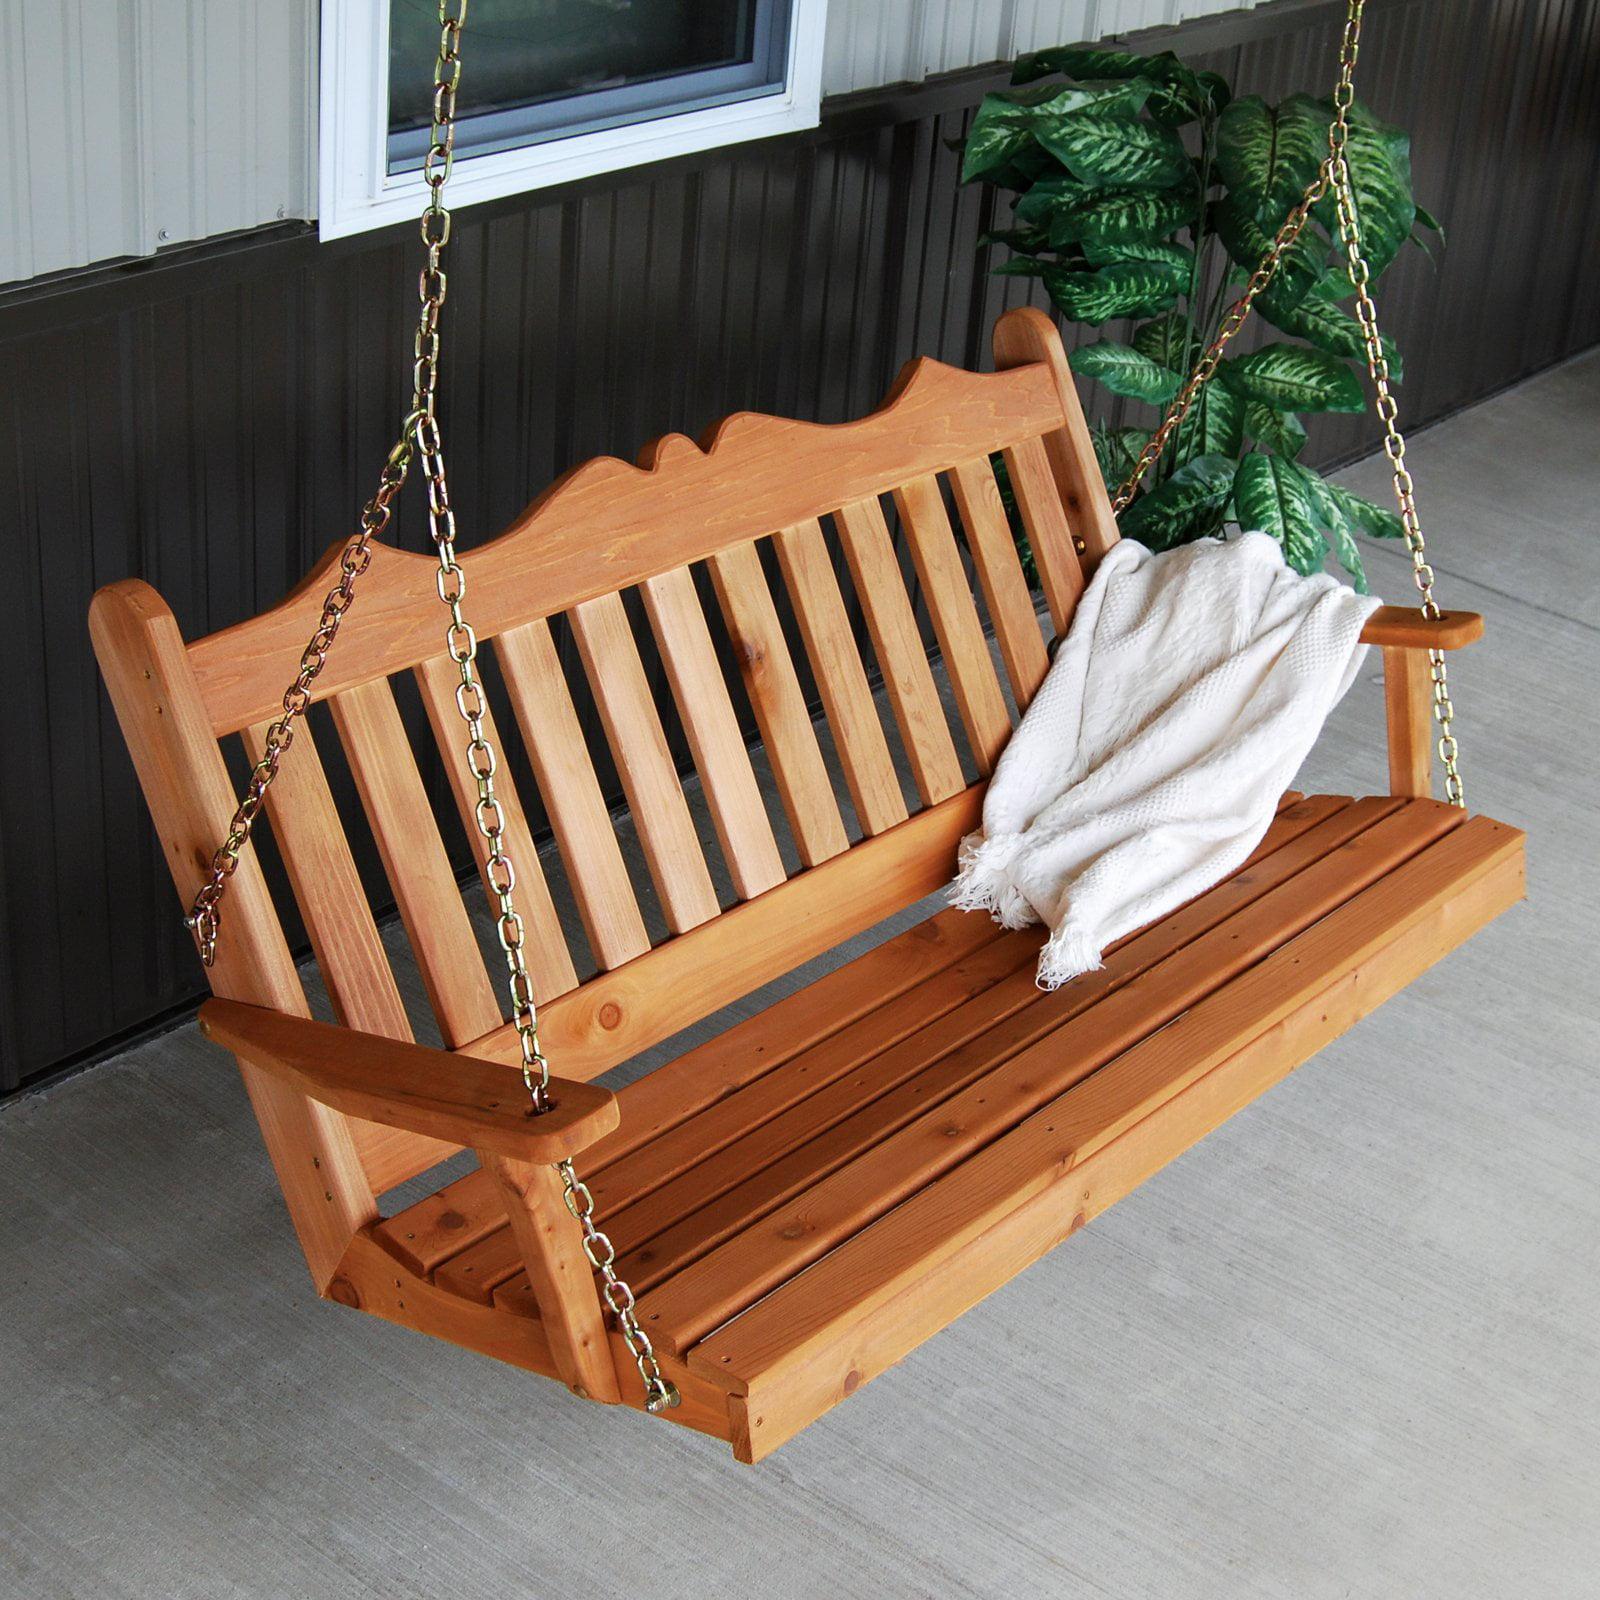 A & L Furniture Western Red Cedar Royal English Porch Swing